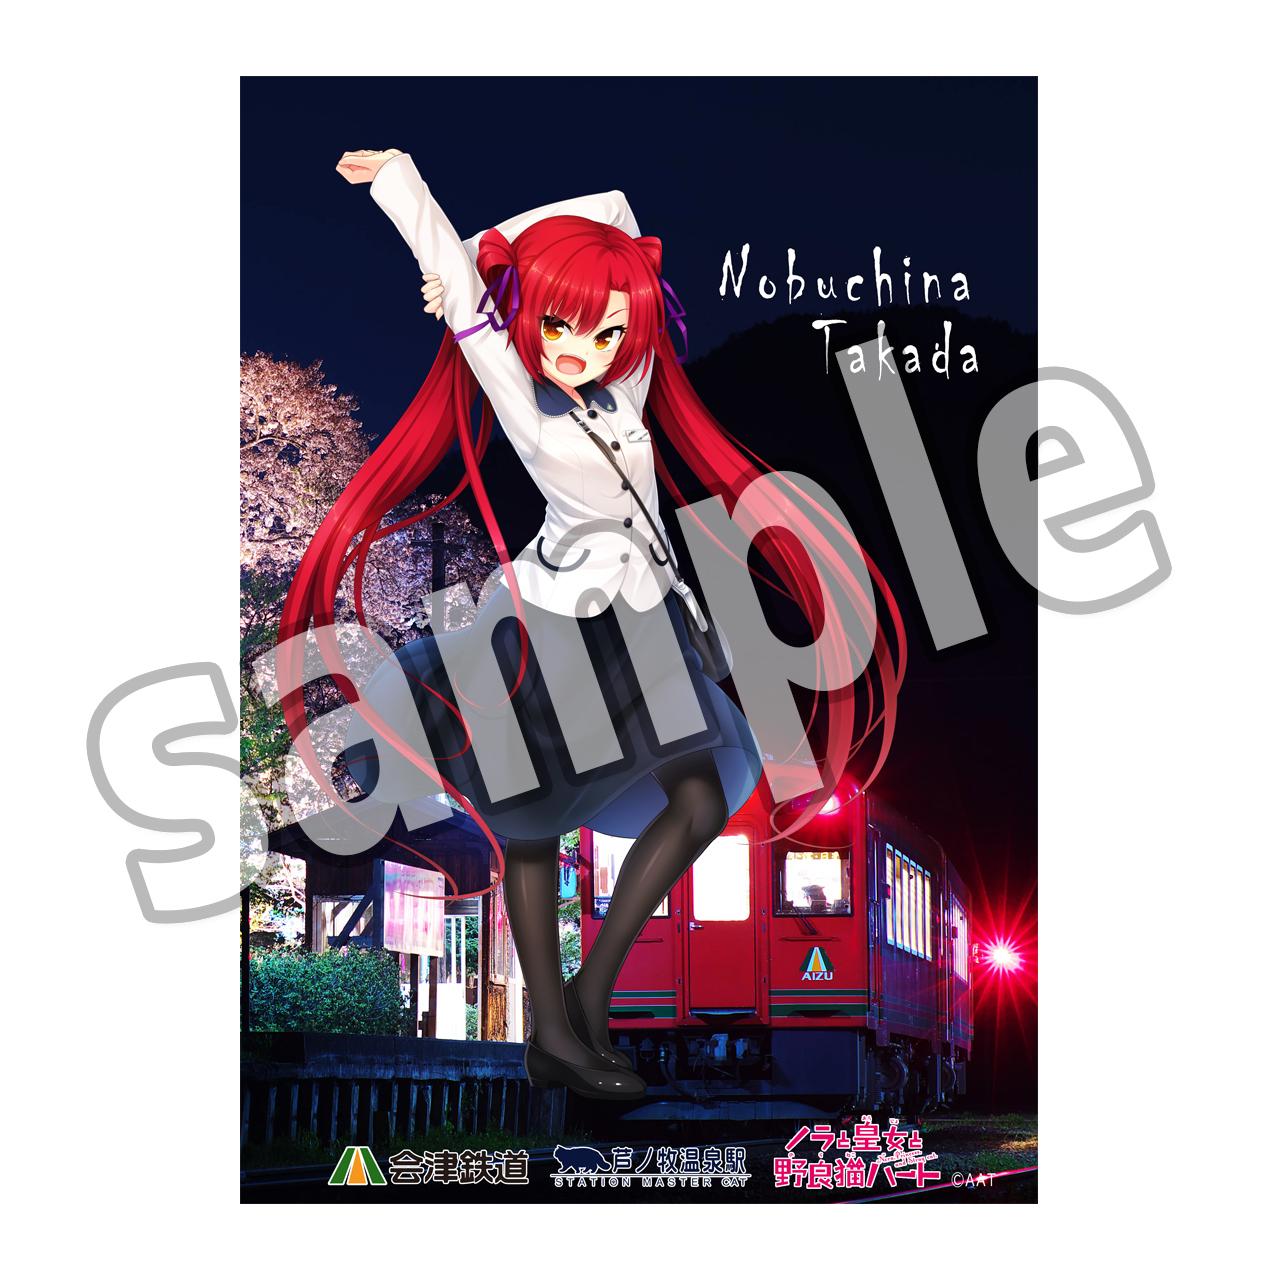 高田 ノブチナ【コラボ商品】A4サイズ生写真